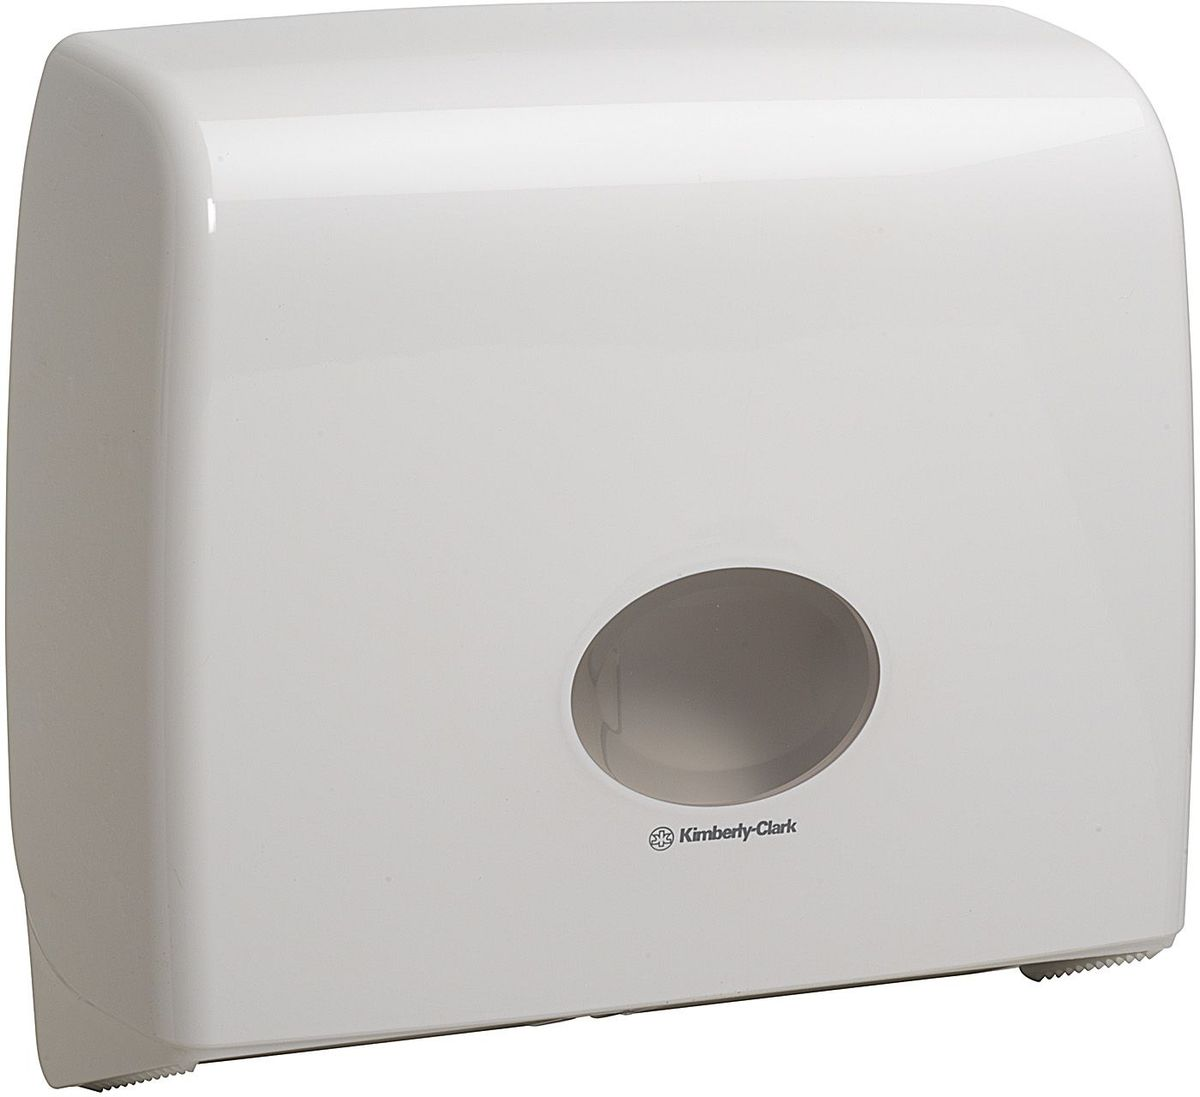 Диспенсер для туалетной бумаги Aquarius Jumbo, большой рулон, цвет: белый. 699168/5/3Ассортимент диспенсеров для рулонной туалетной бумаги, которые выполнены в одном стиле с диспенсерами для мыла и для полотенец для рук. Диспенсеры мотивируют сотрудников соблюдать гигиенические нормы, повышают уровень комфорта, демонстрируют заботу о персонале и помогают сократить расходы. Идеальное решение, обеспечивающее подачу рулонной туалетной бумаги из элегантного диспенсера в туалетных комнатах с высокой проходимостью, легкая загрузка, практичное, гигиеничное и экономичное решение.Формат поставки: диспенсер современного дизайна, обтекаемой формы, обеспечивающий быструю заправку; белое глянцевое, легко очищаемое покрытие; отсутствие мест скопления пыли и грязи; смотровое окно для контроля за расходными материалами; возможность выбора цветовых вставок в соответствие с интерьером конкретных туалетных комнат. Замена диспенсера 6987. Совместим с туалетной бумагой: 8440, 8442, 8446, 8449, 8474, 8484, 8517, 8519, 8559.